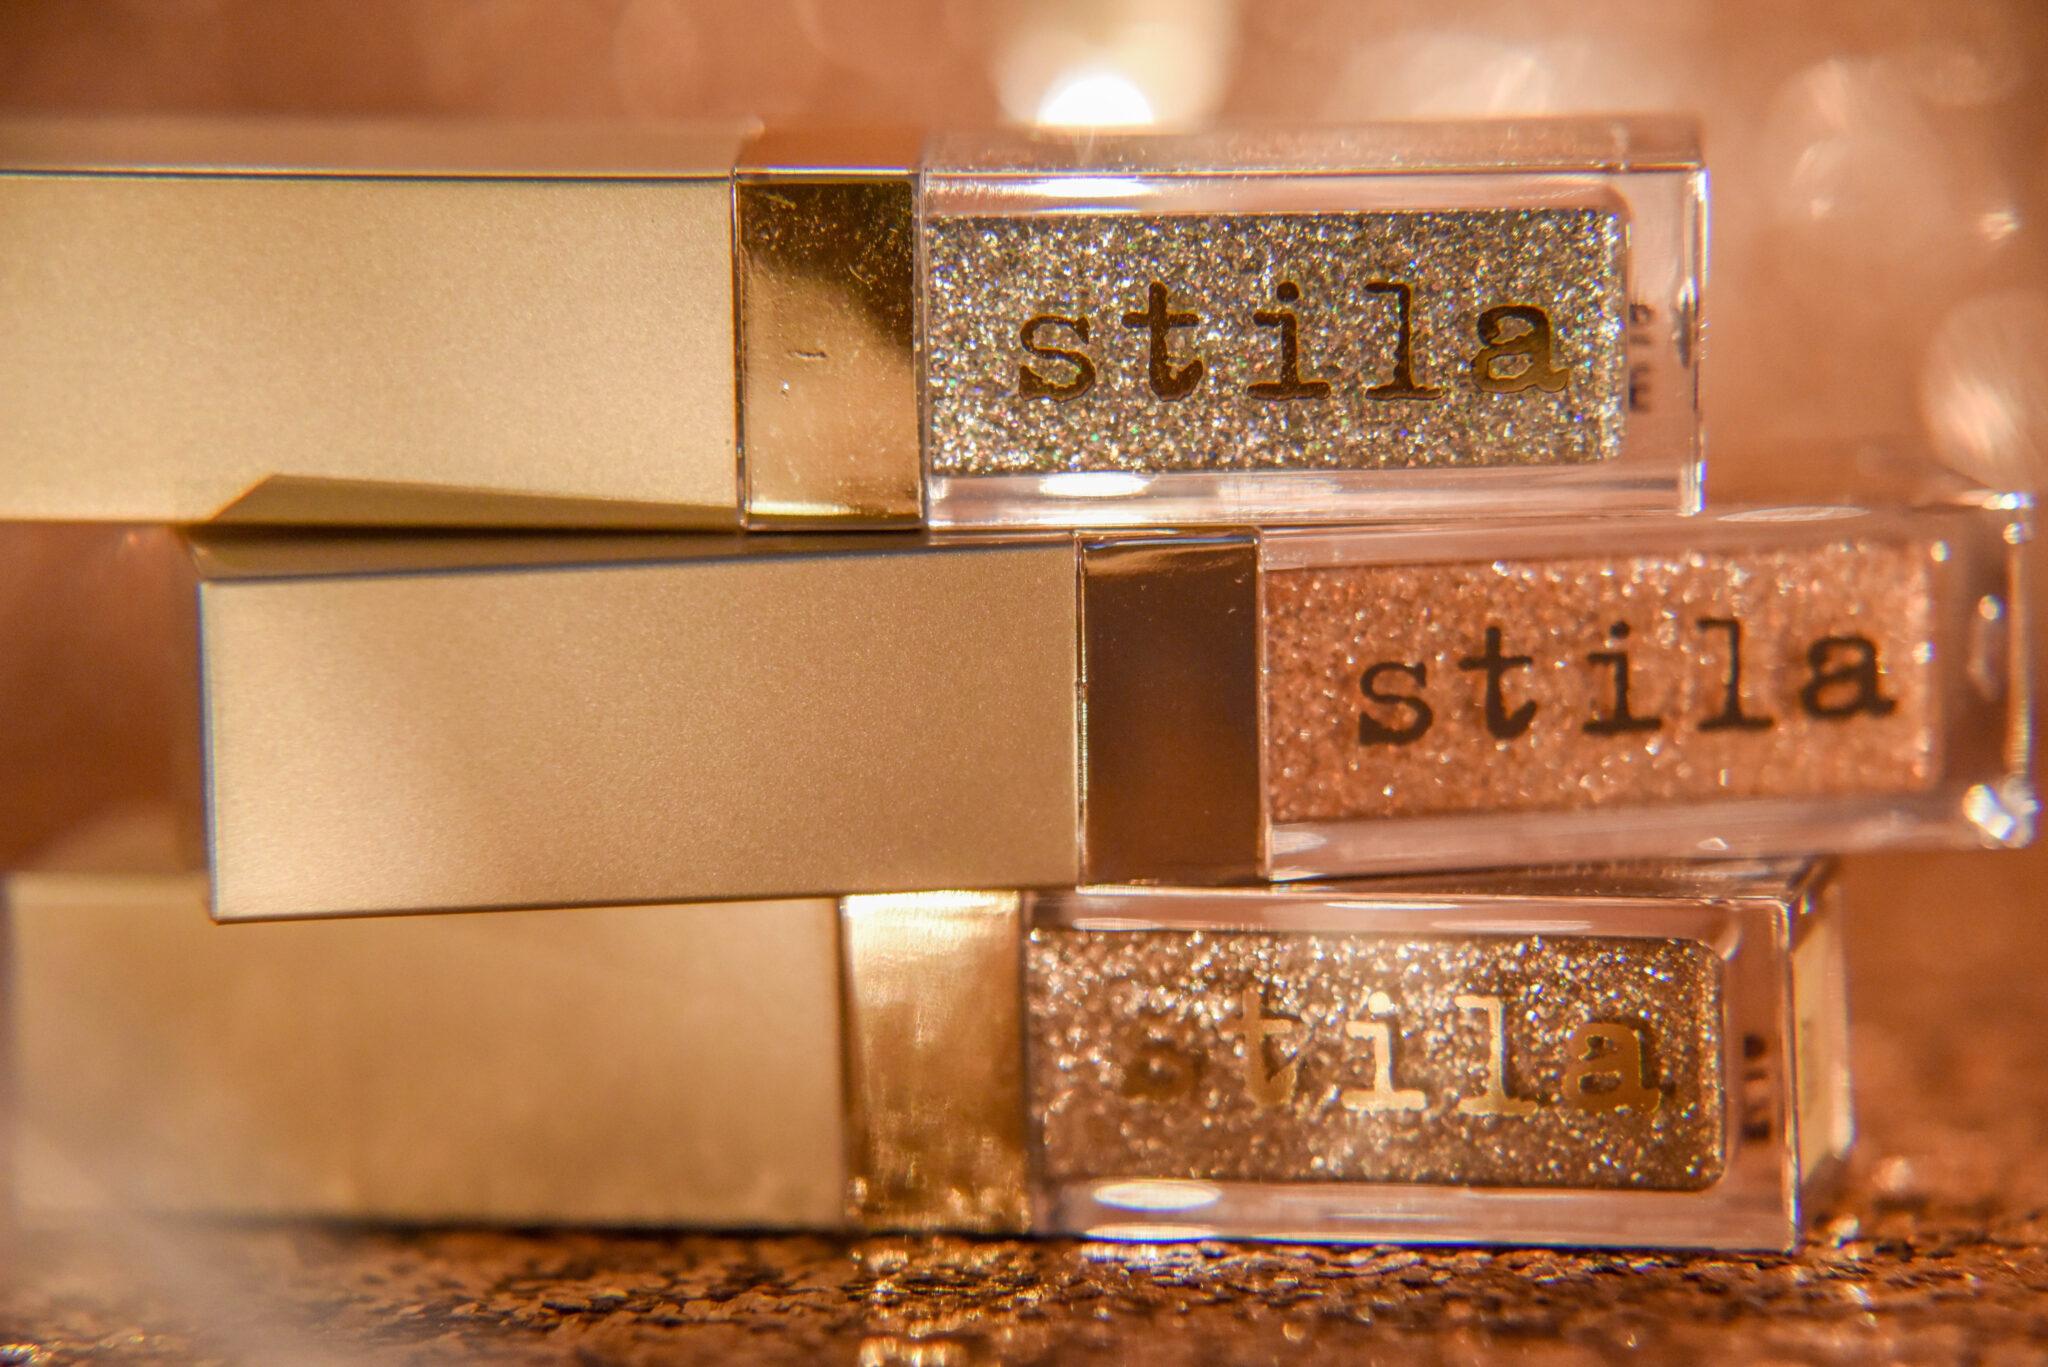 Holiday Perfume & Makeup